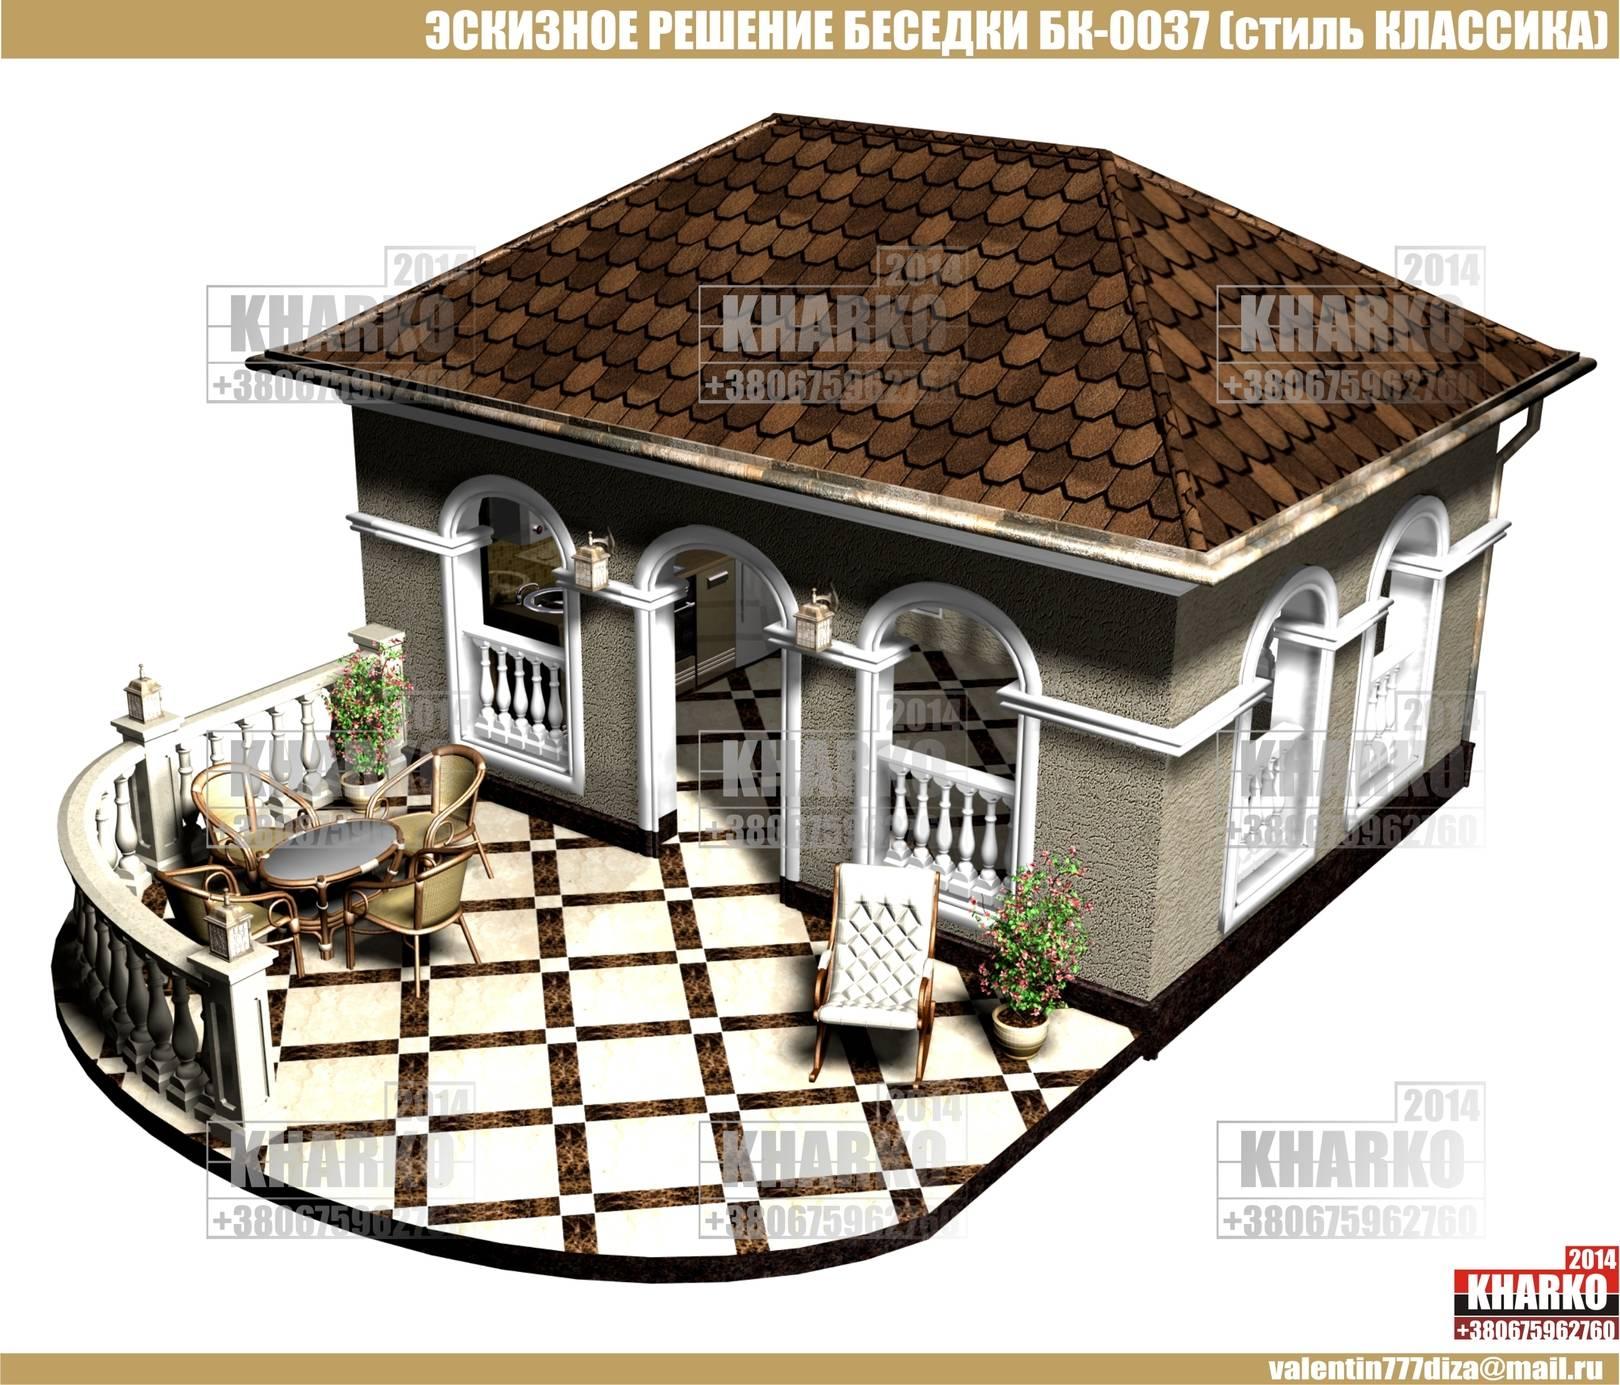 проект беседки БК-0037 (стиль Классика)  общая площадь беседки- 29,2 м. кв. эксплуатируемая площадь беседки-25 м.кв. габаритные размеры - 6,2 м. на 4,7 м.  площадка у беседки- 6,2 Х 3,5 м- площадь - 21,7 м. кв. тип фундамента-монолитный ж/б материал наружной стены и опор-кирпич, бетон, тип кровли-битумная черепица Наружная отделка цоколя -декоративный камень Стоимость проекта- 1500 грн.